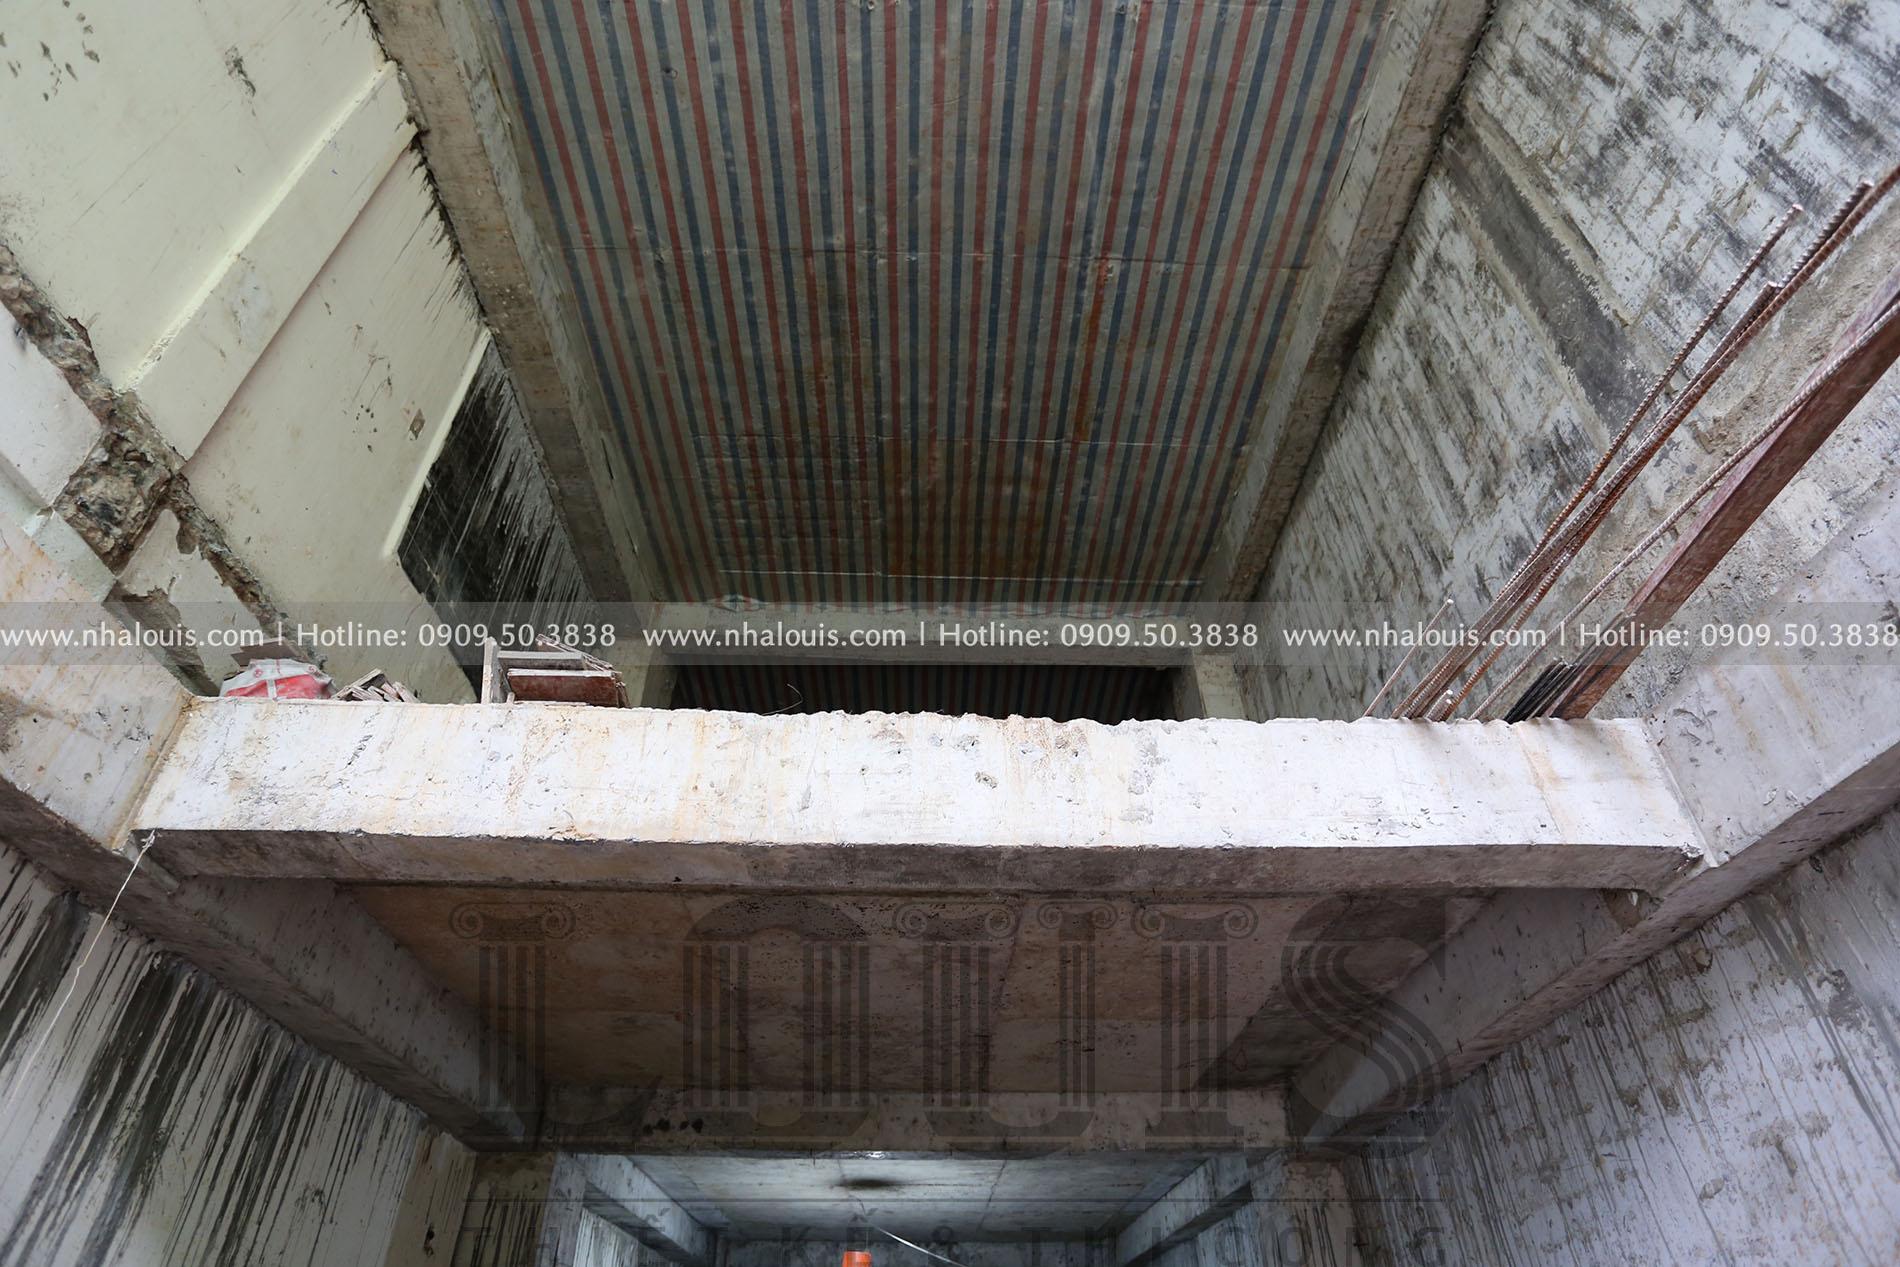 Thi công nhà tân cổ điển 7 tầng đẹp nền nã tại Quận 3